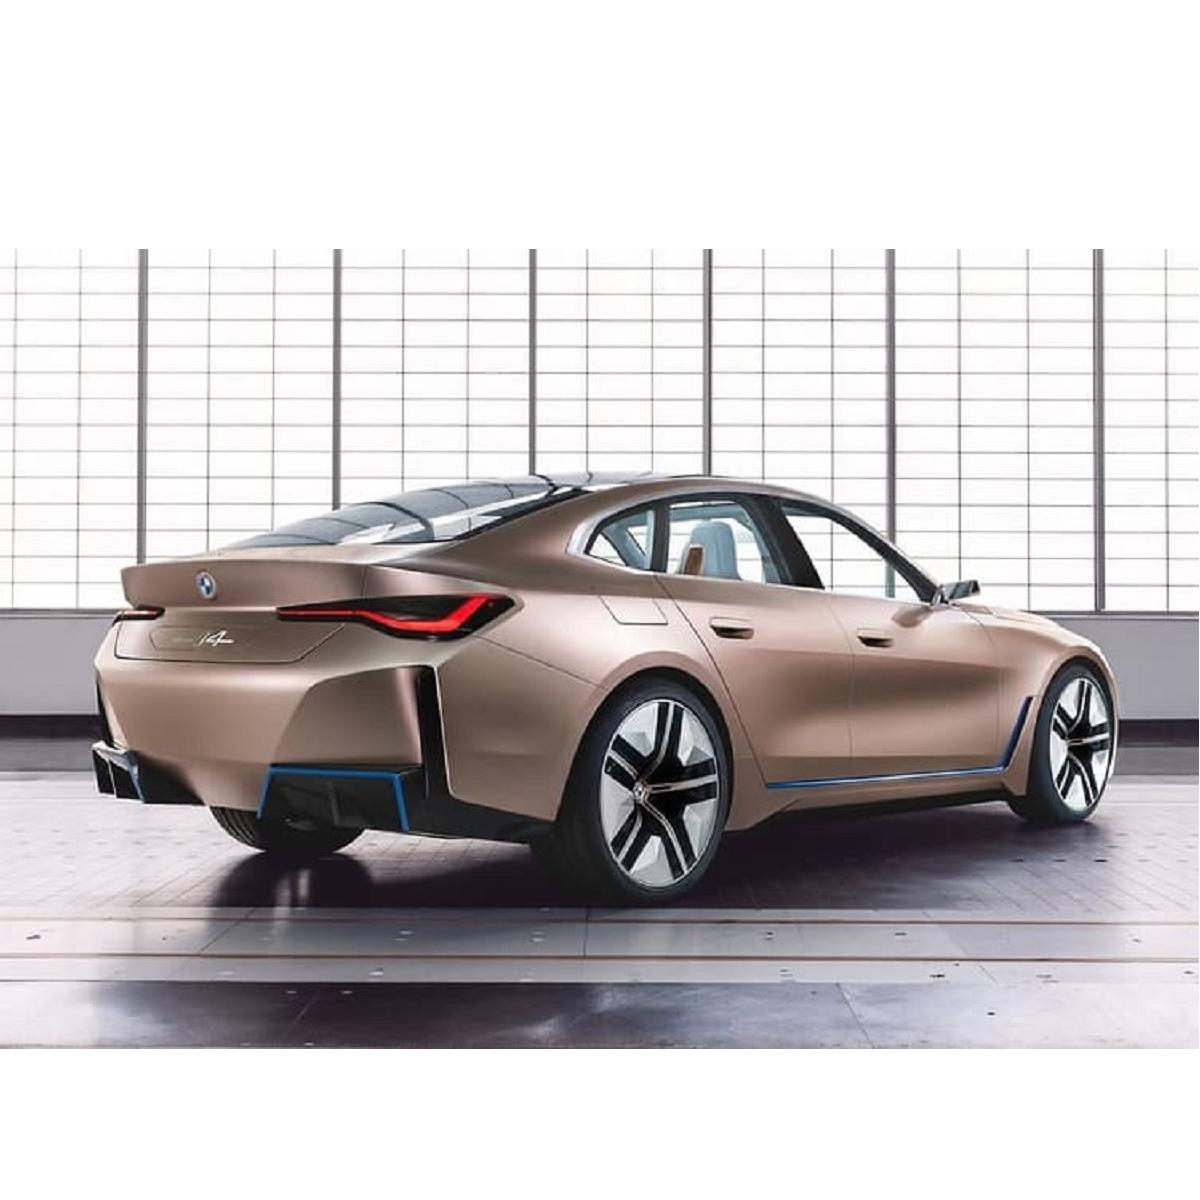 BMW elettrica: il misterioso modello debutterà nel 2021